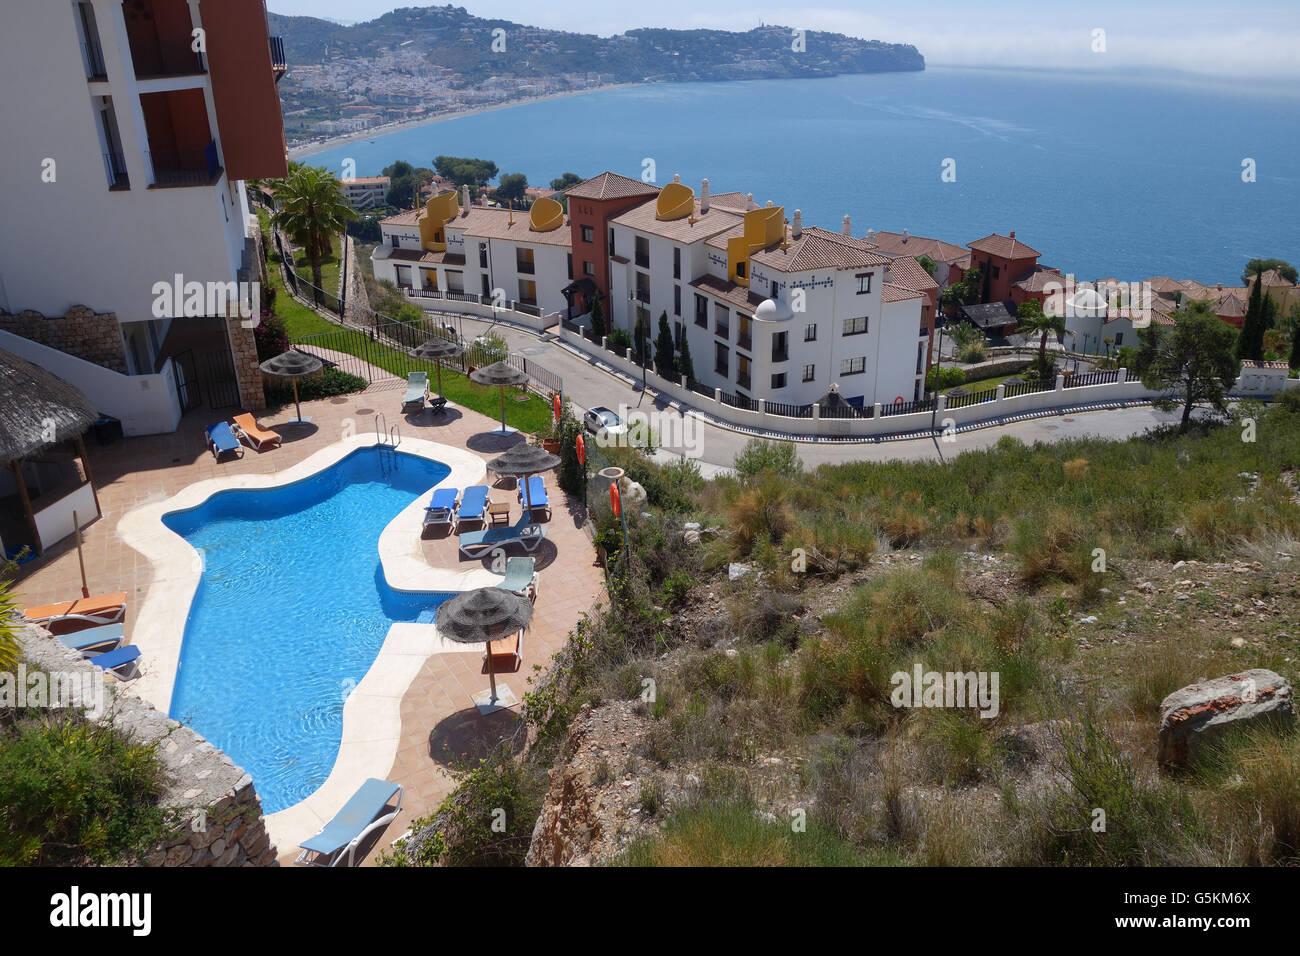 Urlaub Immobilien und Villen Urbanisation in Herradura, Costa Tropical, Spanien. Stockbild